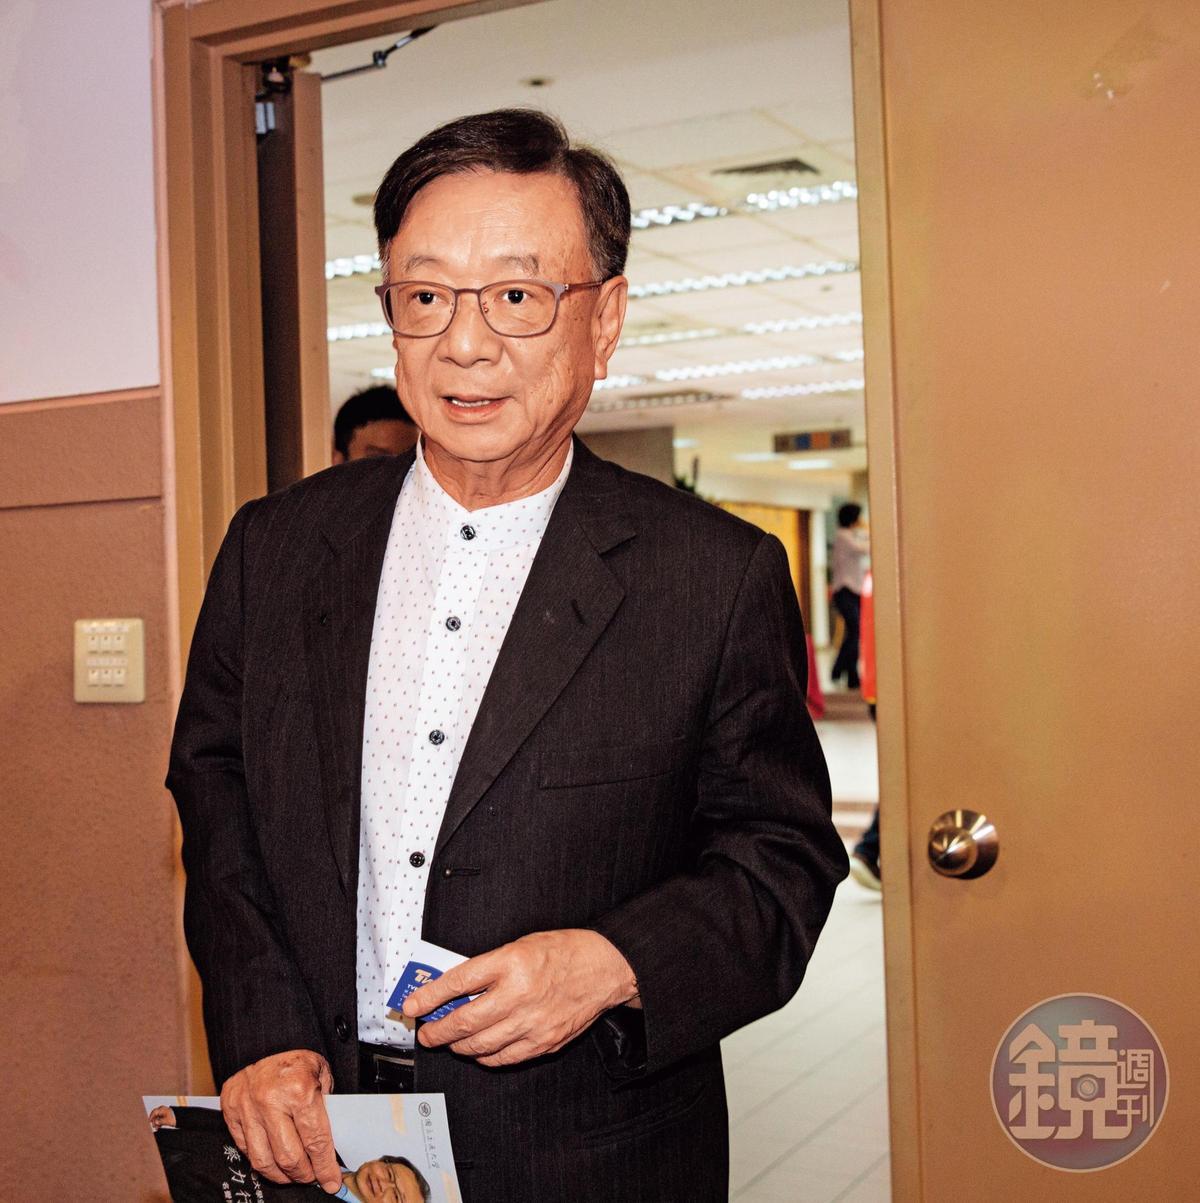 力勸郭台銘參選的其好友宣明智(圖),近日已著手開發手機連署APP,要替郭衝刺連署。